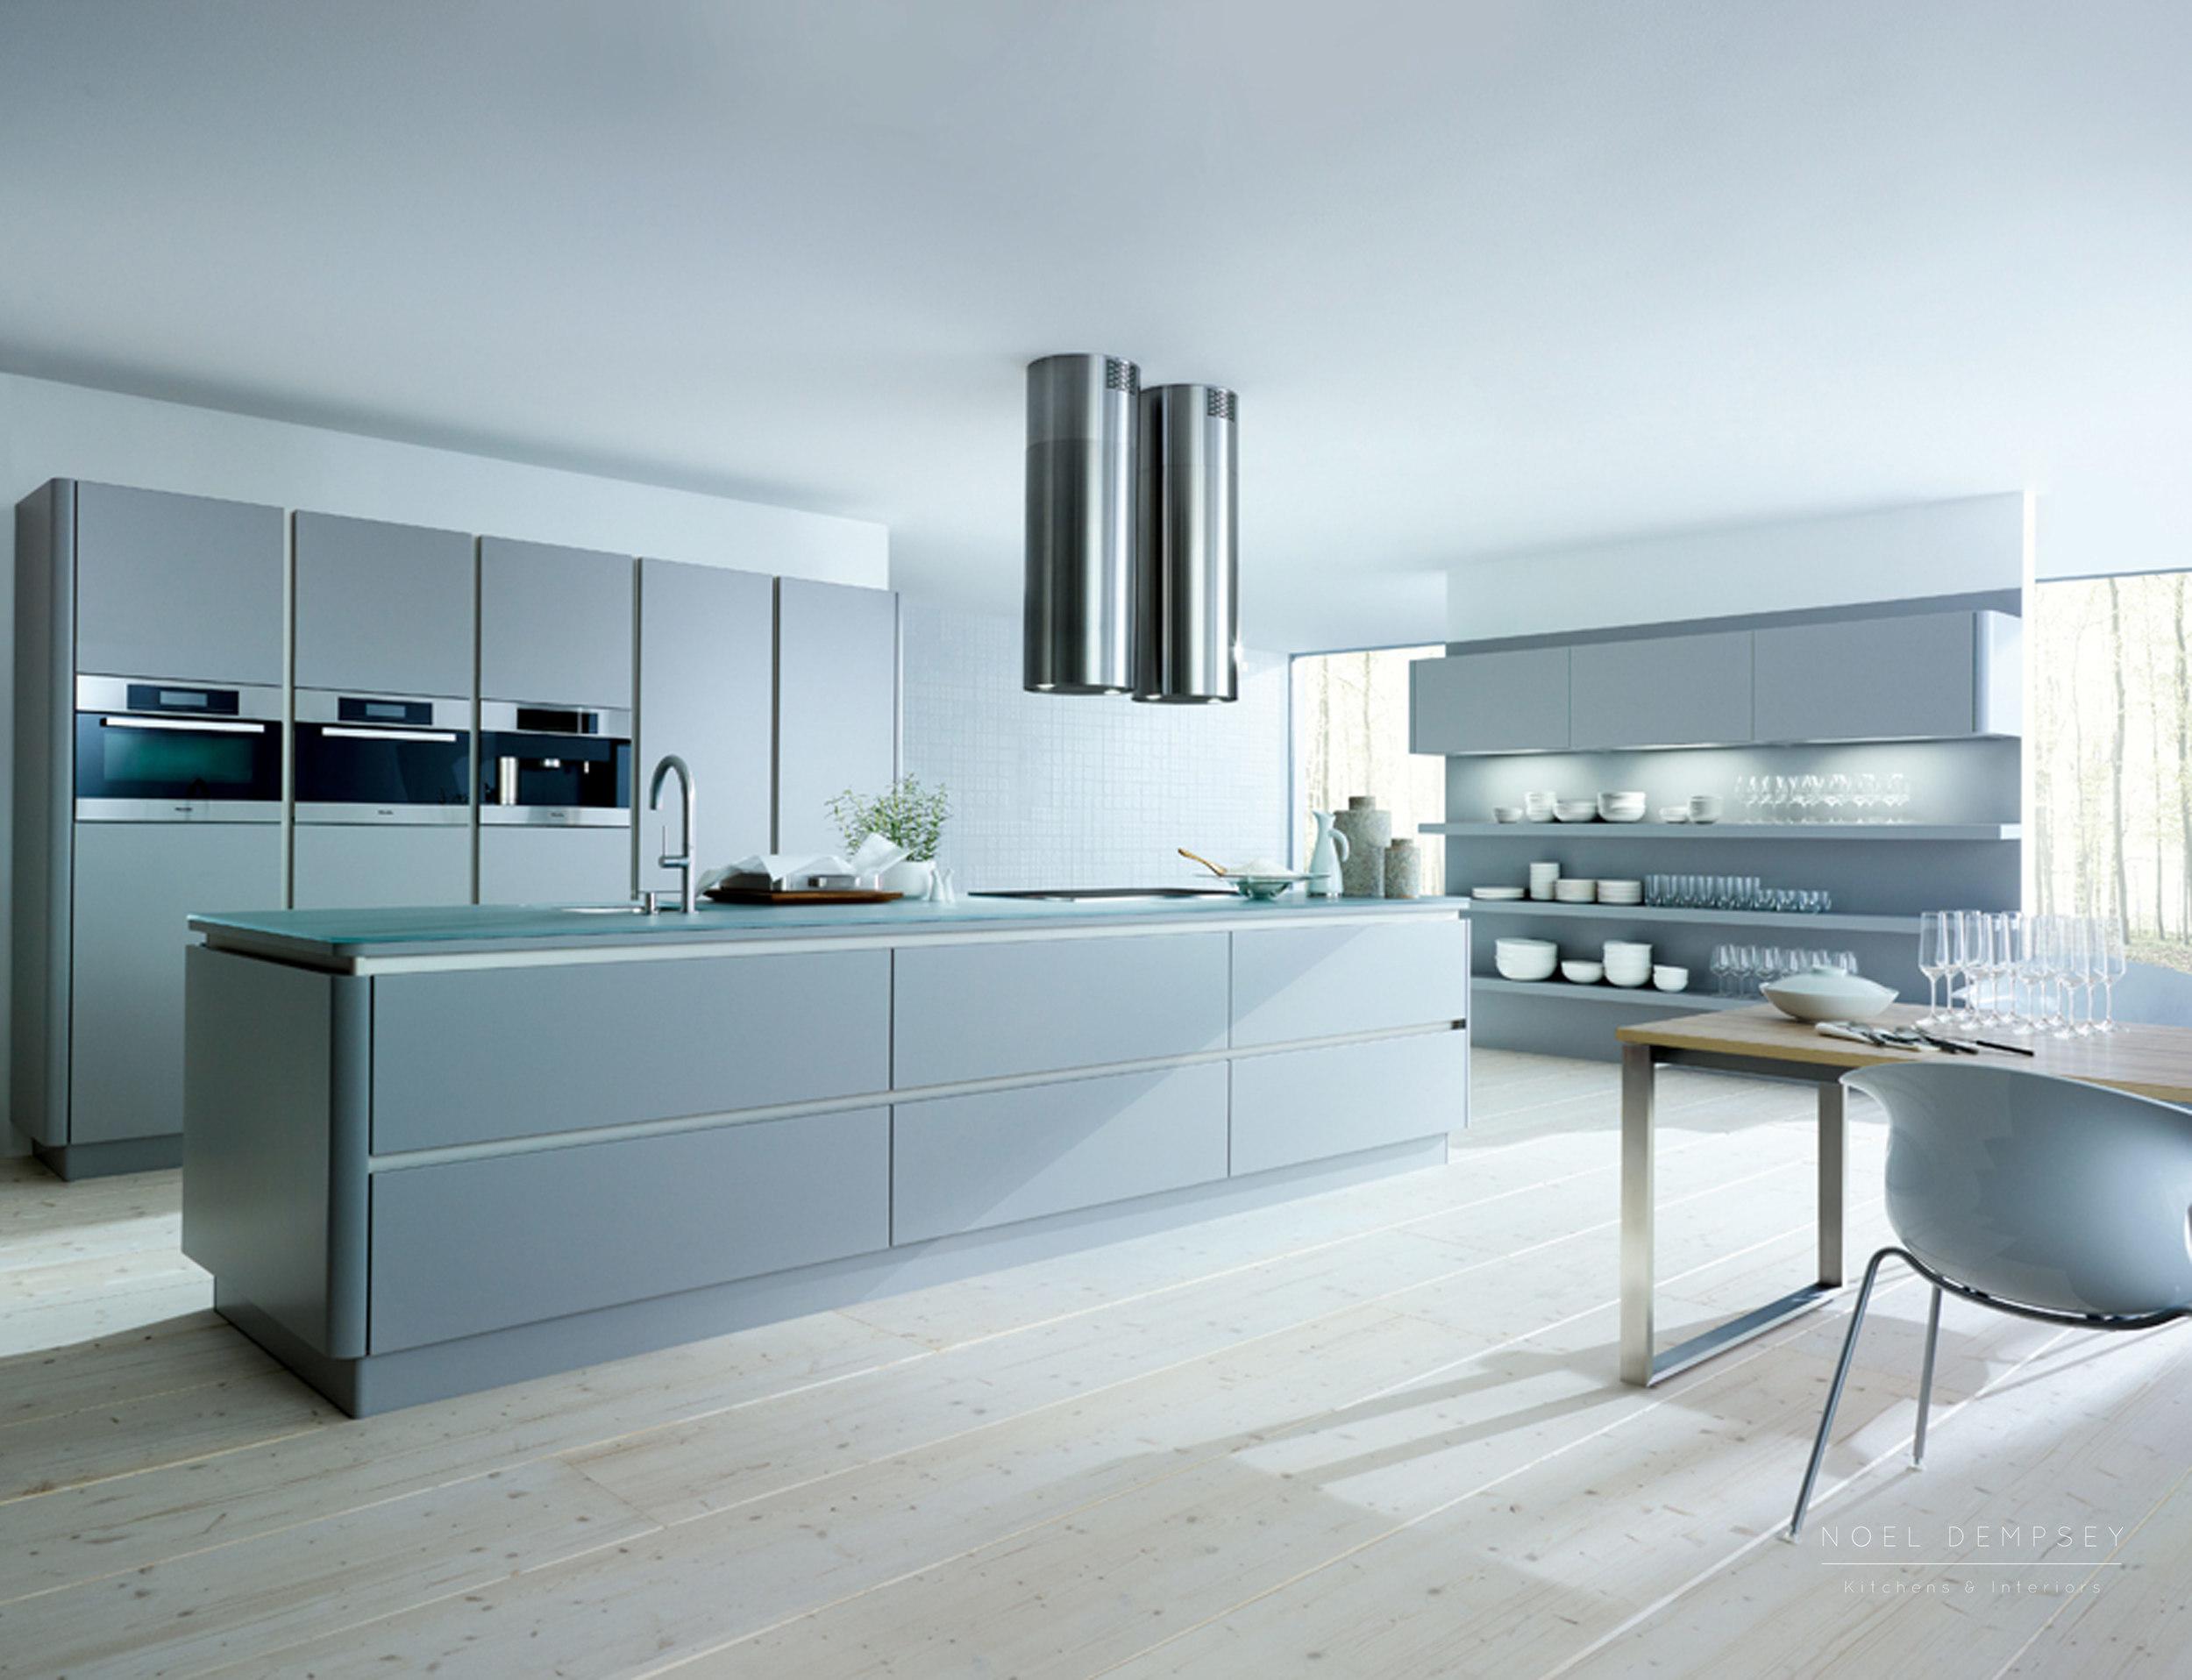 NX502-Stone-Grey-Kitchen-1.jpg